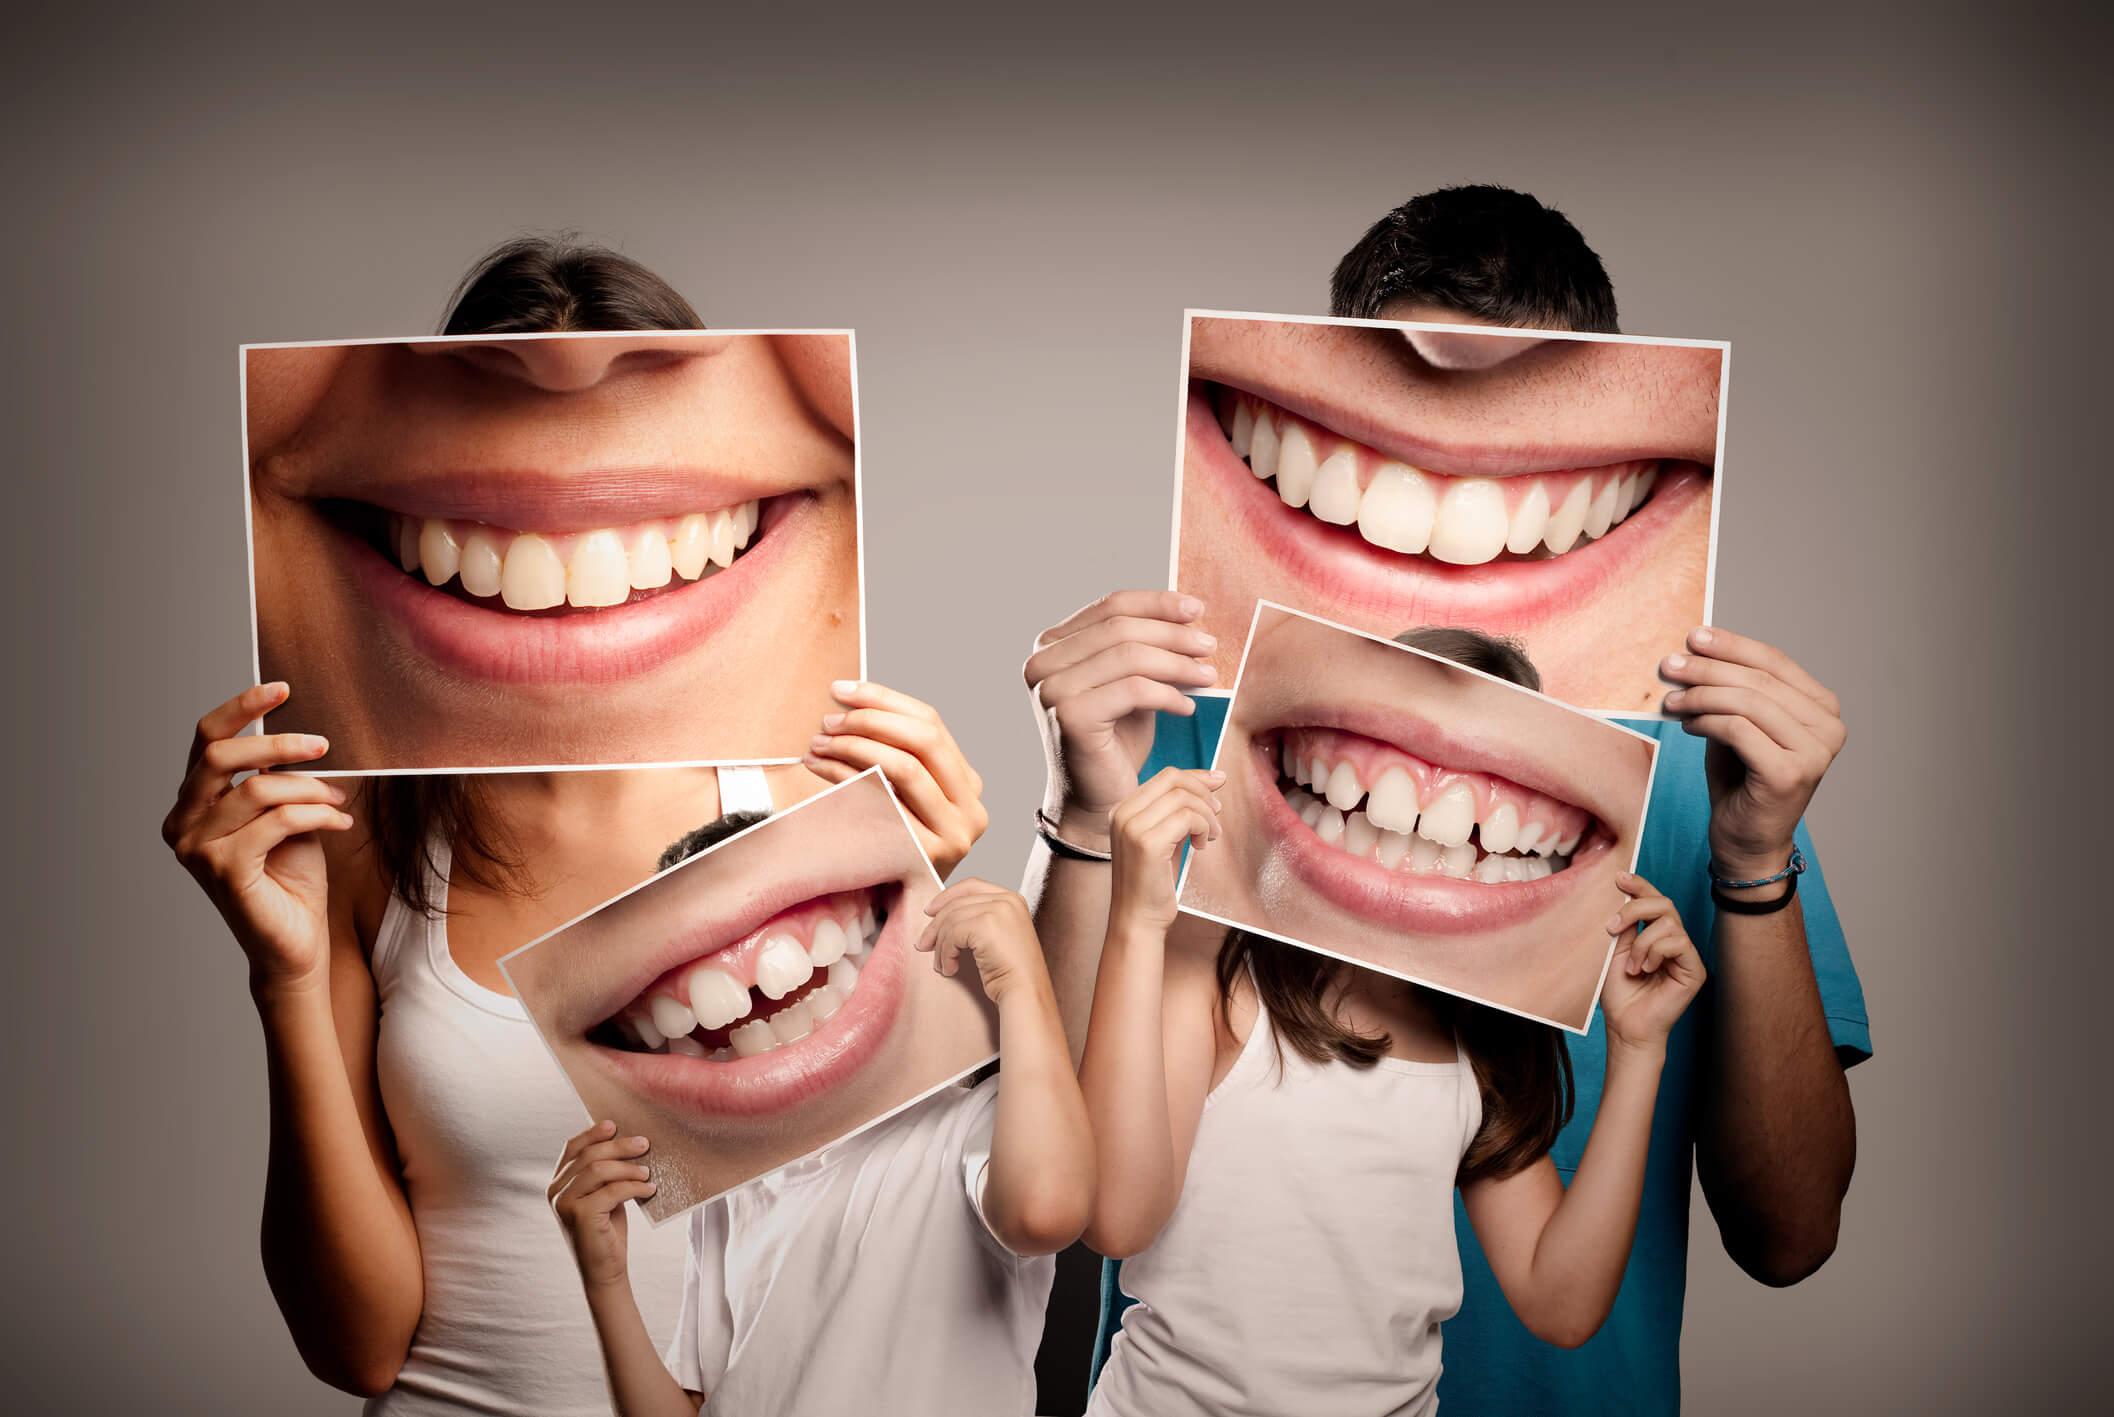 prévention dentaire téléconsultation